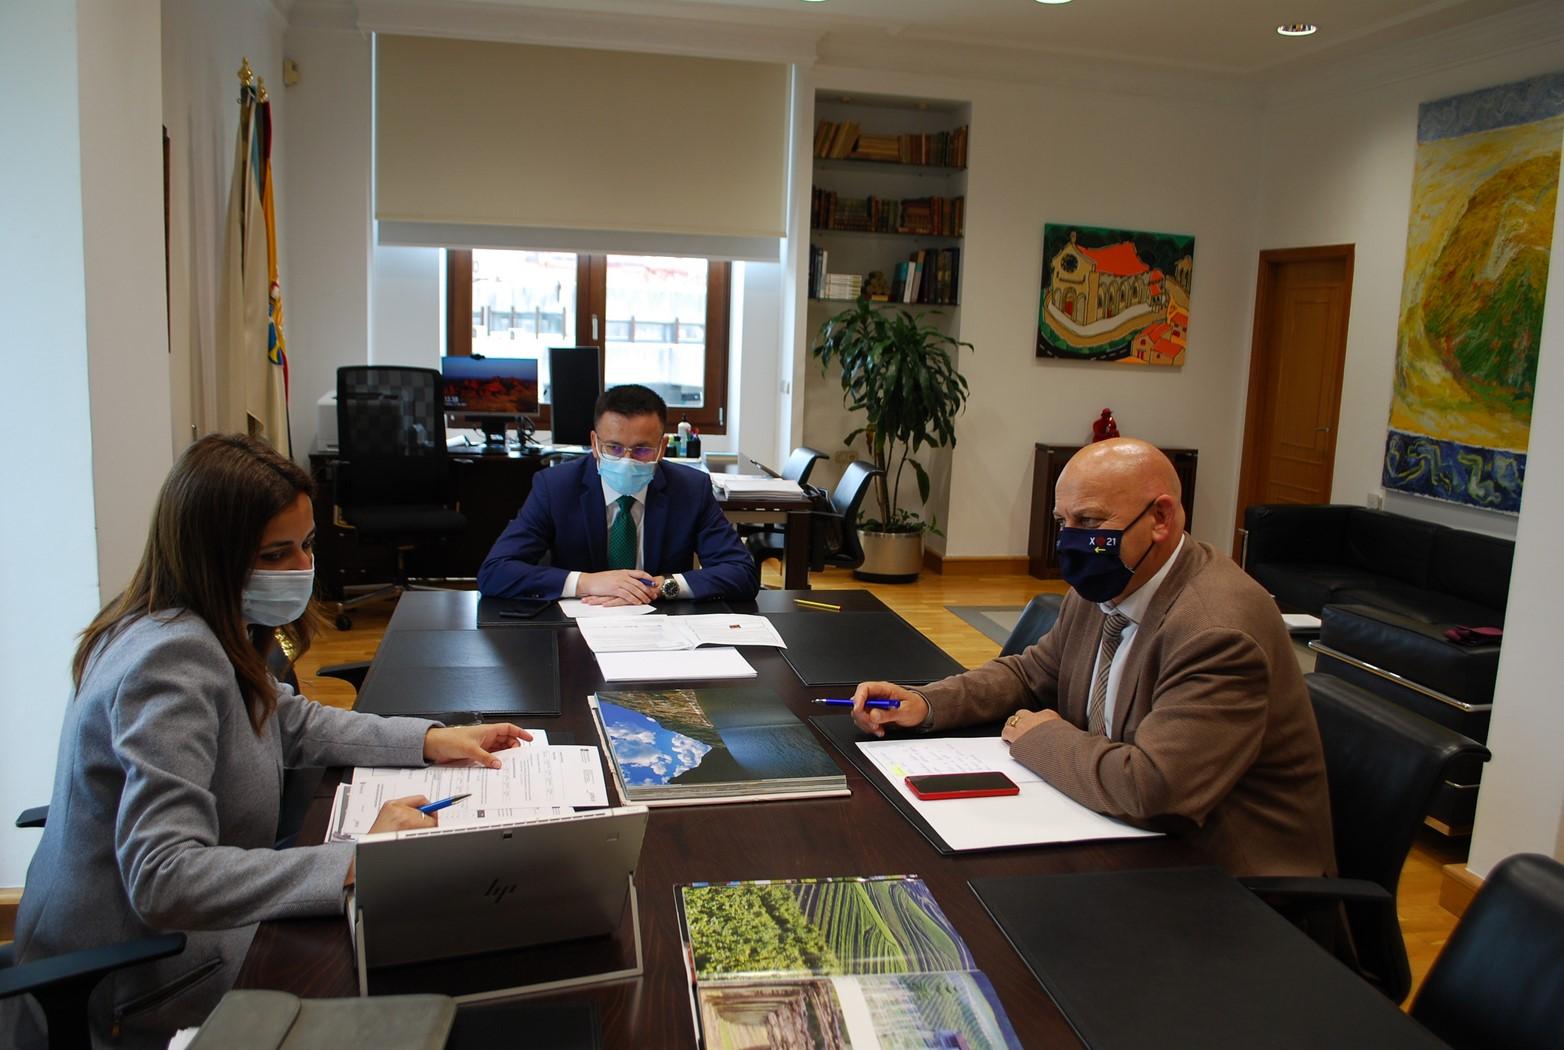 A Xunta rematará o vindeiro ano catro parcelarias en Cartelle que reorganizarán 4.000 hectáreas de 3.700 propietarios